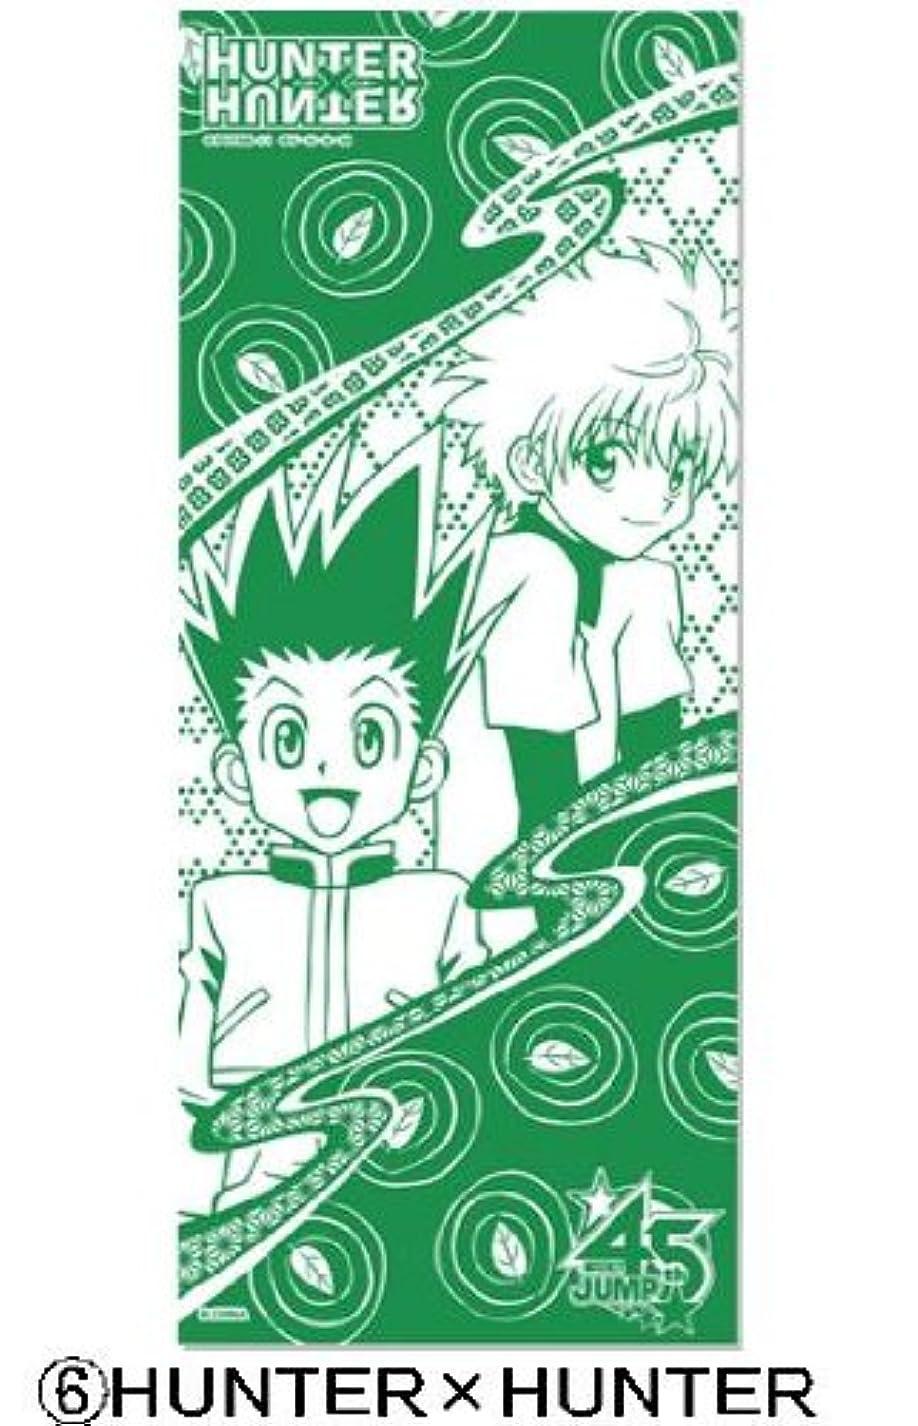 広告主波紋ミトン週刊少年ジャンプ45周年記念J-STARS ミニ手ぬぐい付き入浴剤(ハンター×ハンター)